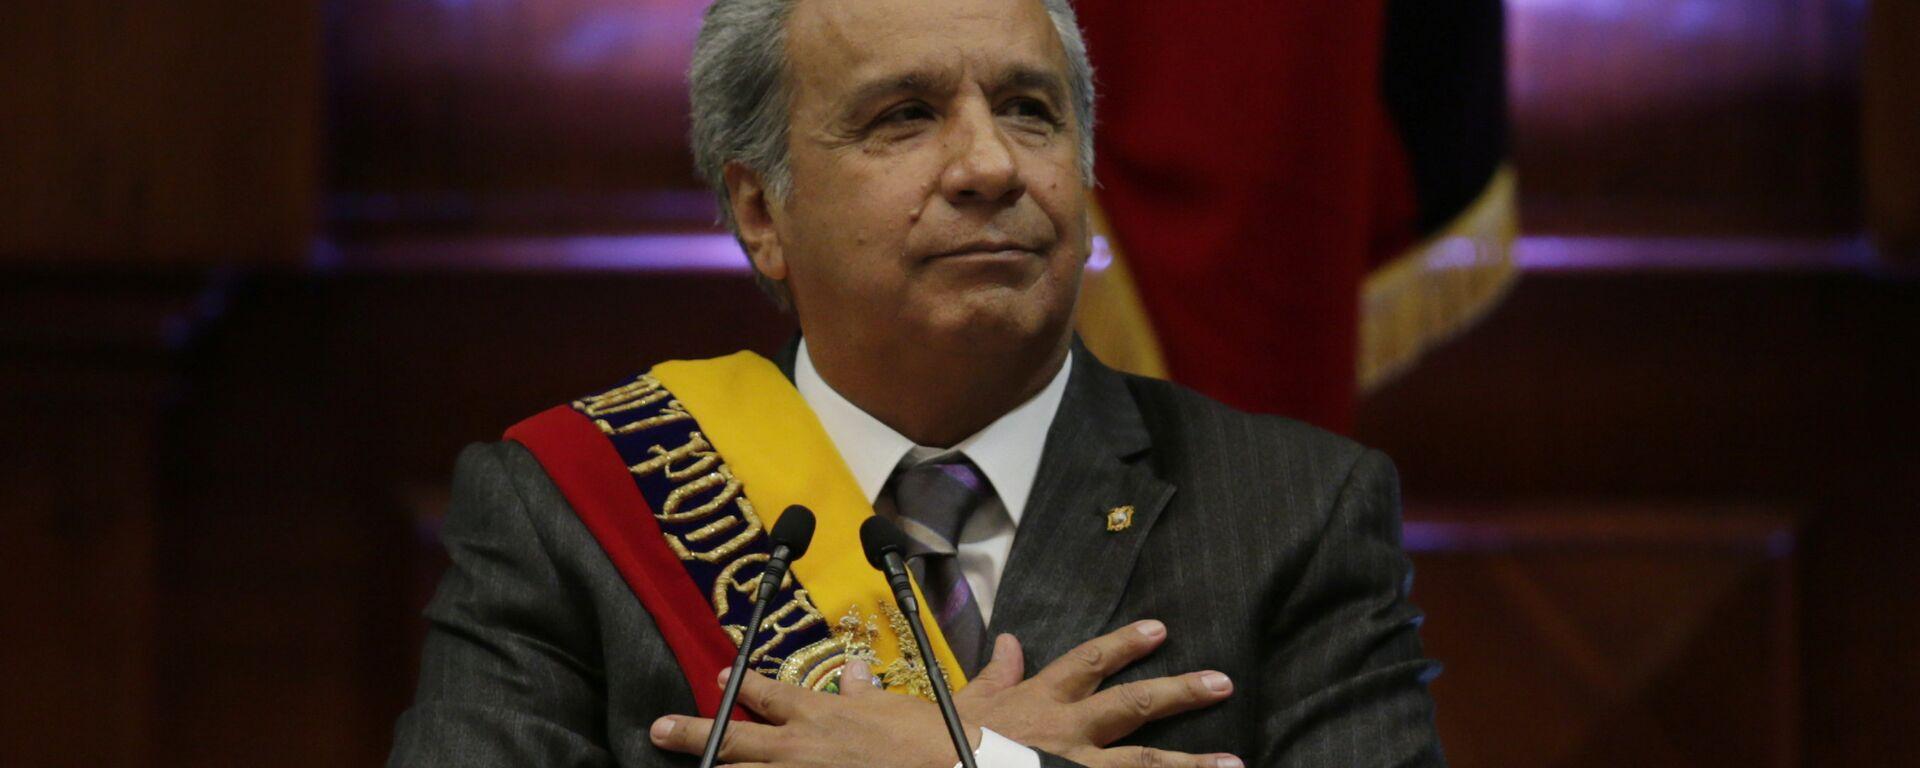 Lenín Moreno, presidente de Ecuador - Sputnik Mundo, 1920, 24.03.2021